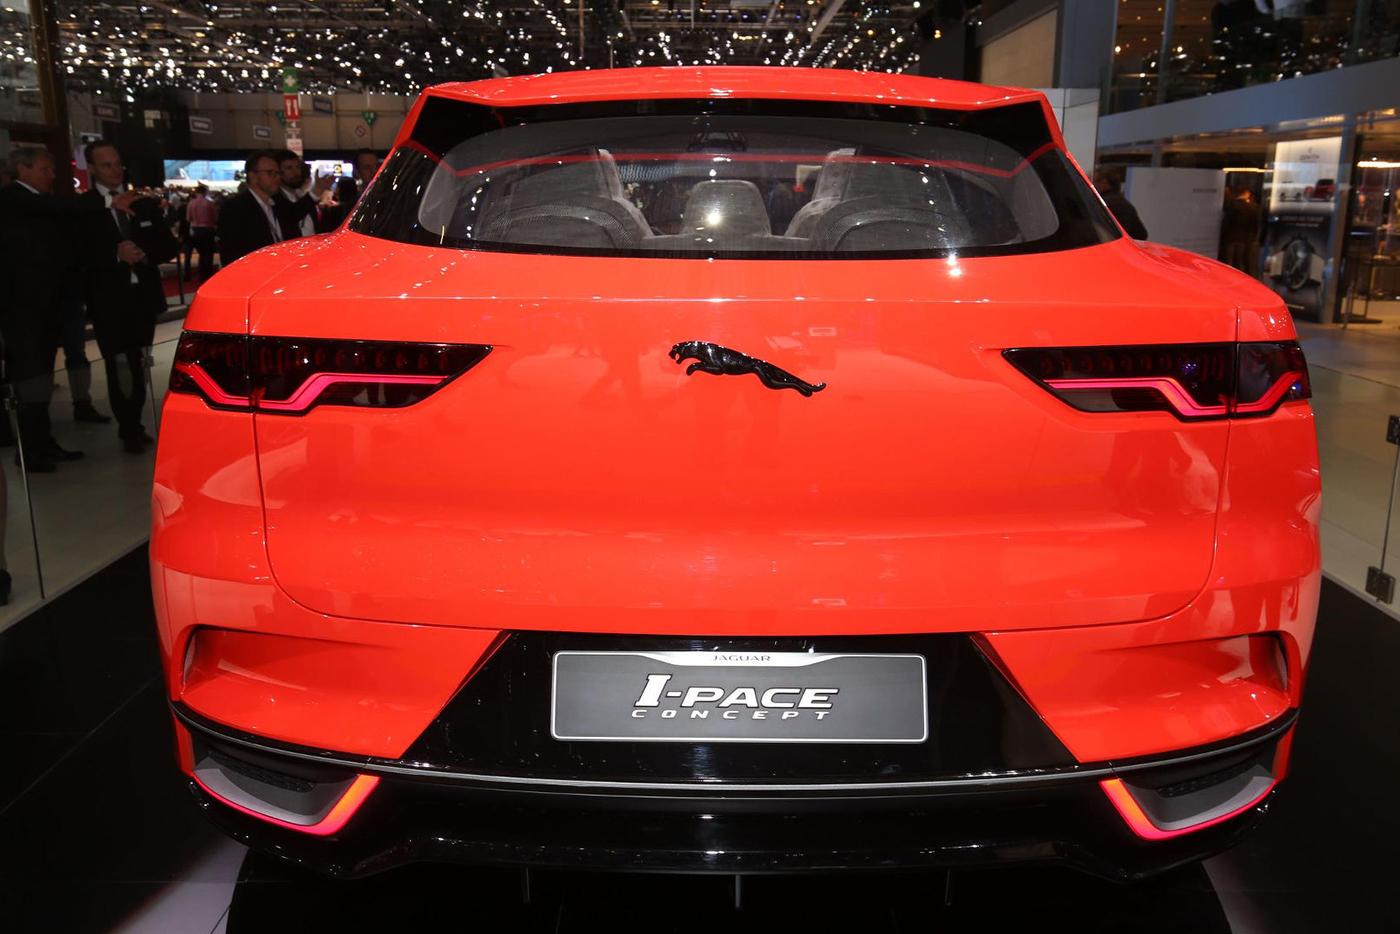 jaguar-i-pace-concept-14.jpg